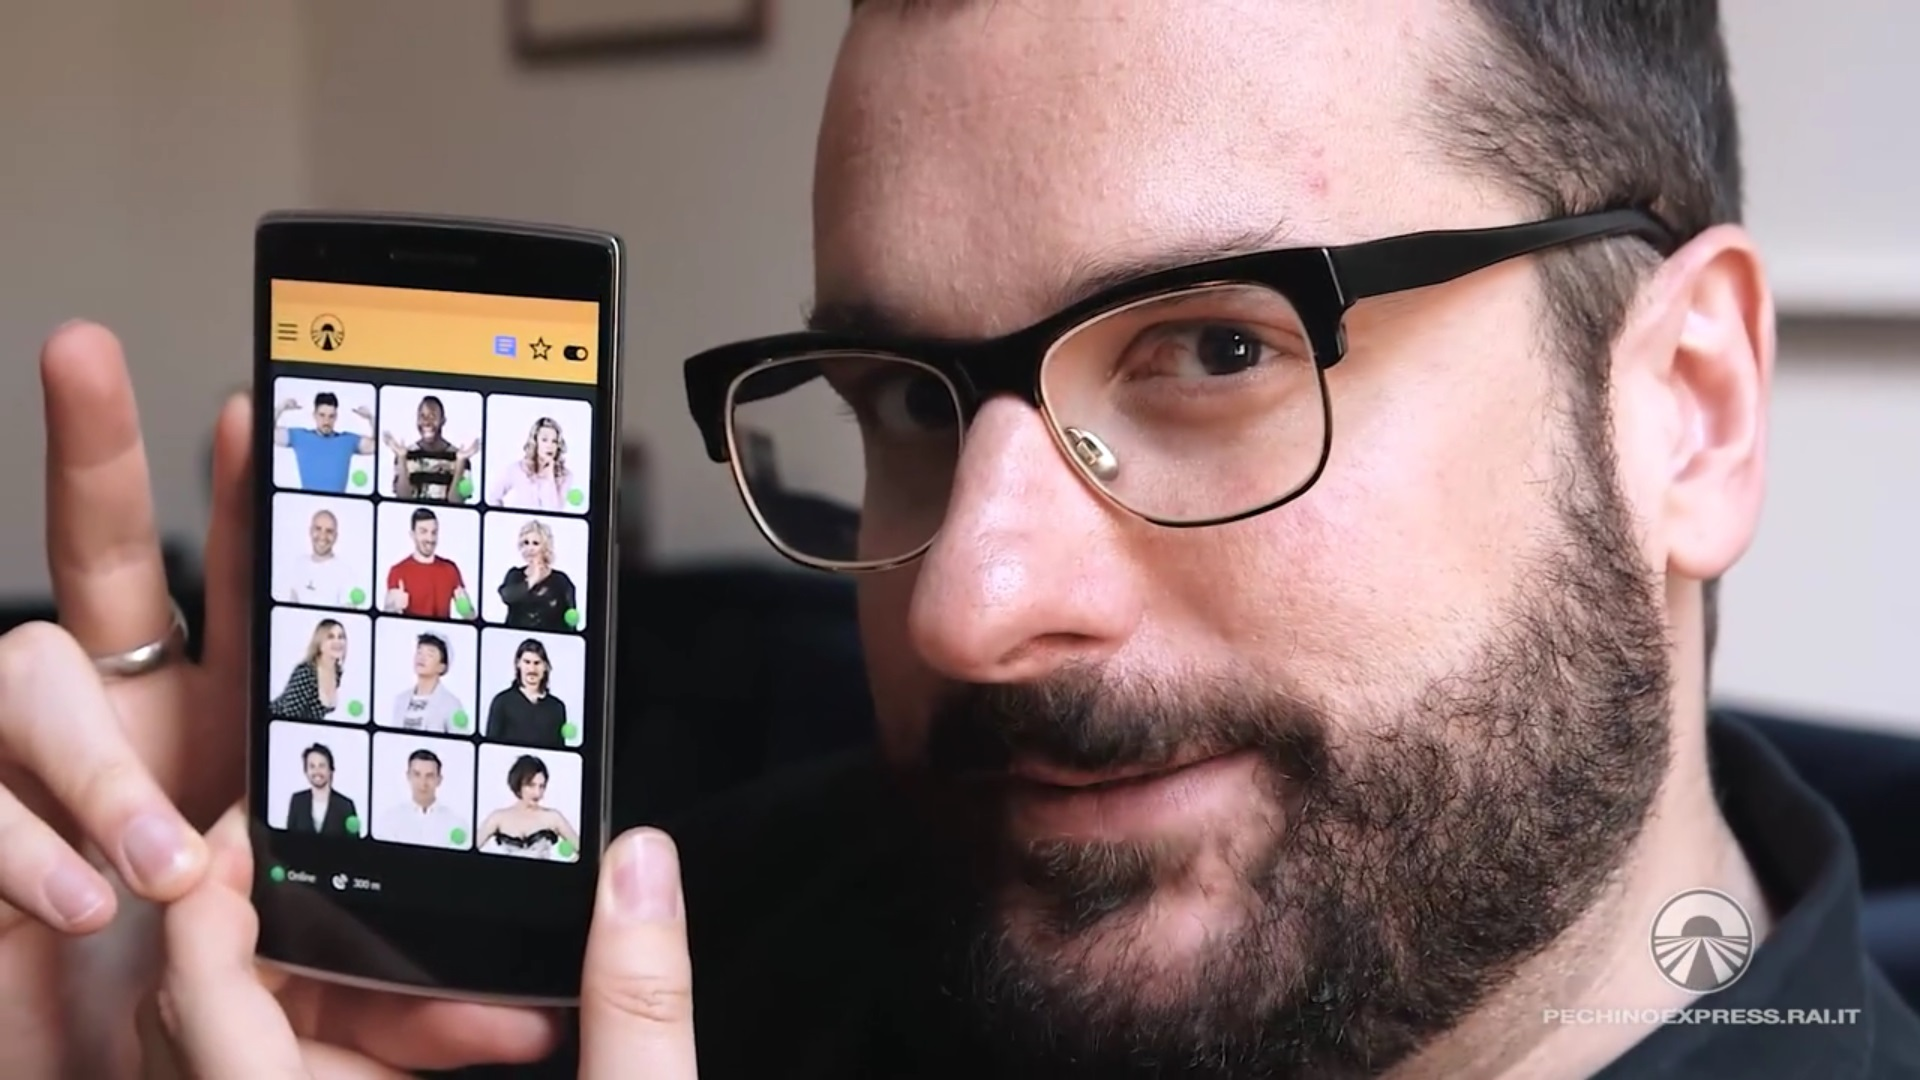 app dating pechino express 5: Costantino della gherardesca